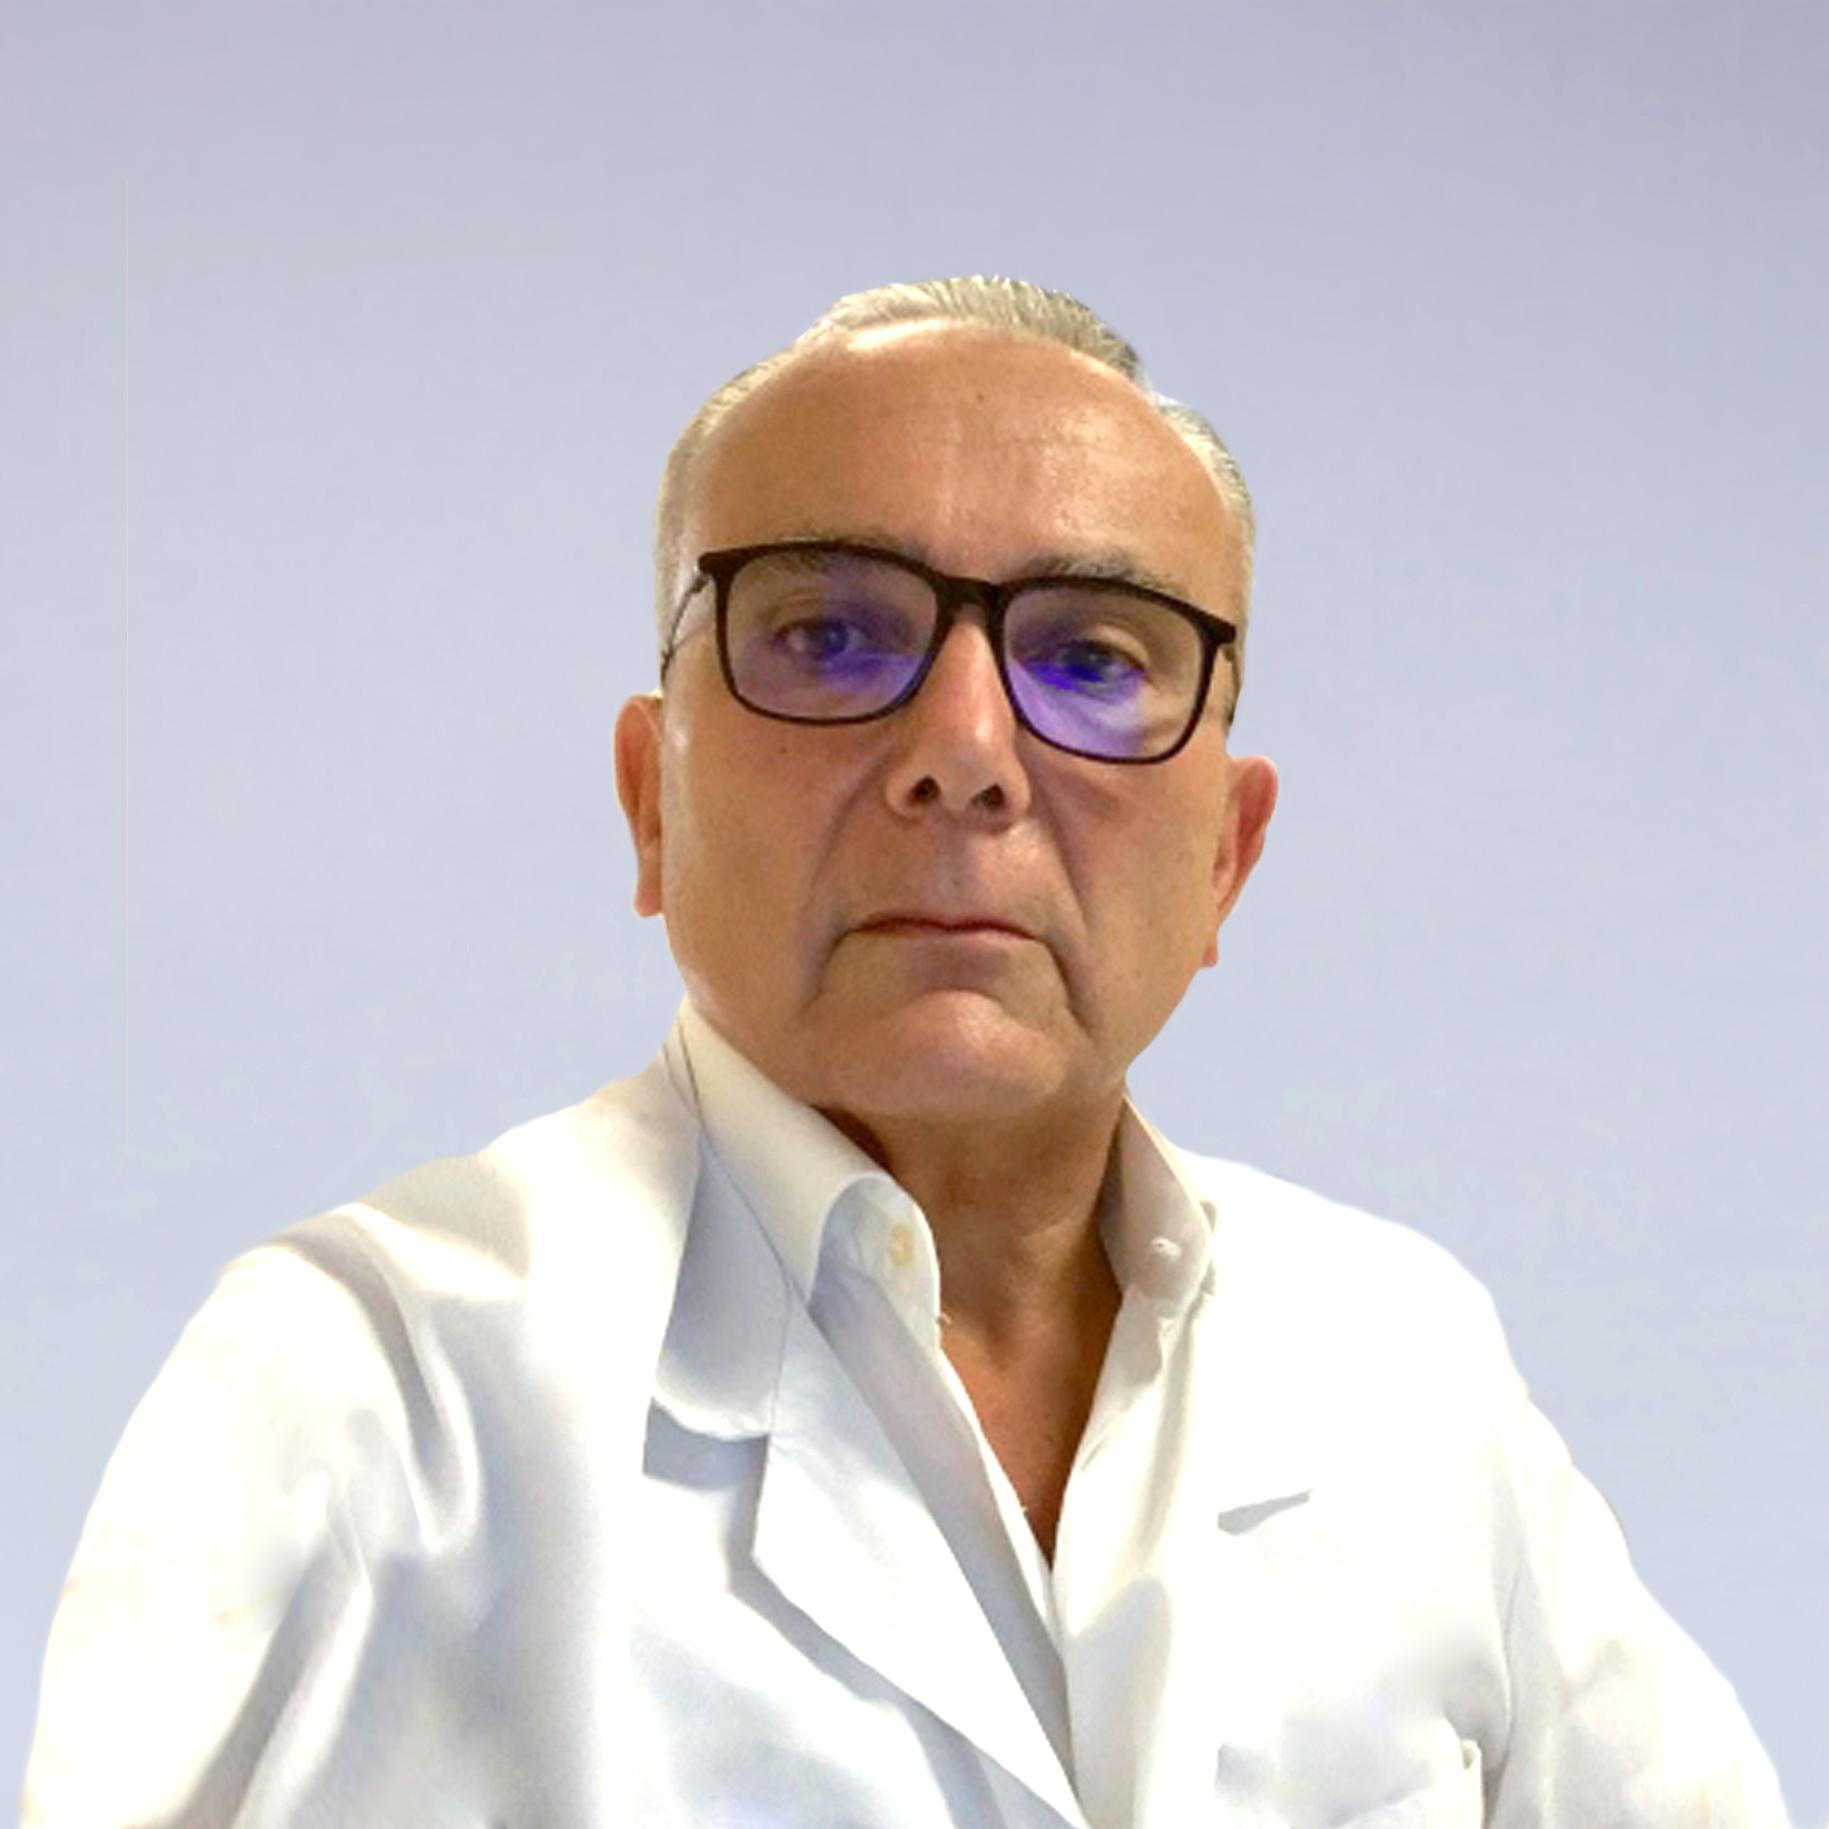 José E. Bahamonde Laborda